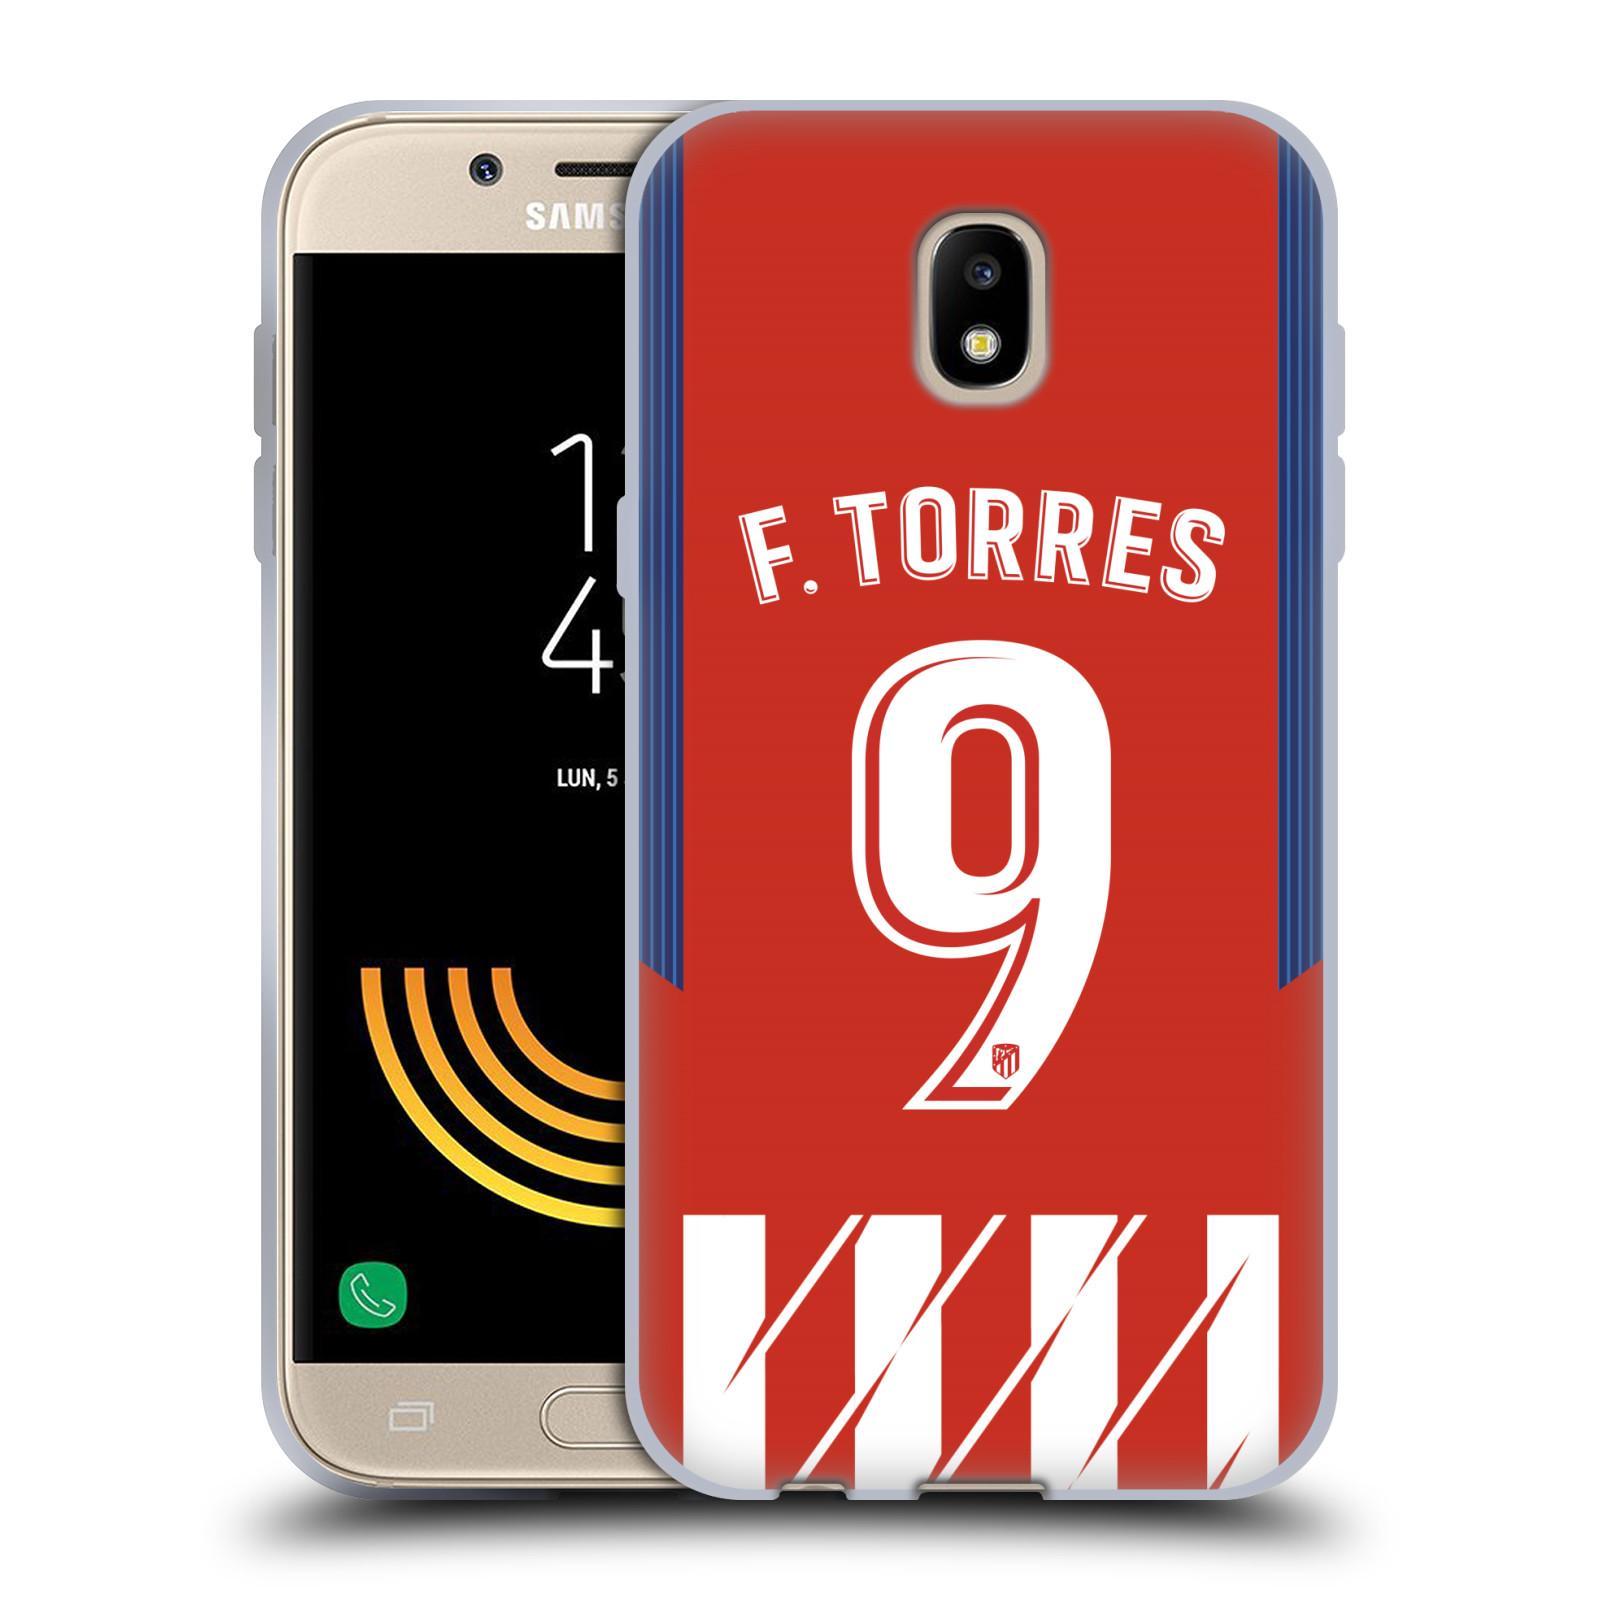 HEAD CASE silikonový obal na mobil Samsung Galaxy J5 2017 Fotbalový klub Atlético Madrid dres Fernando Torres